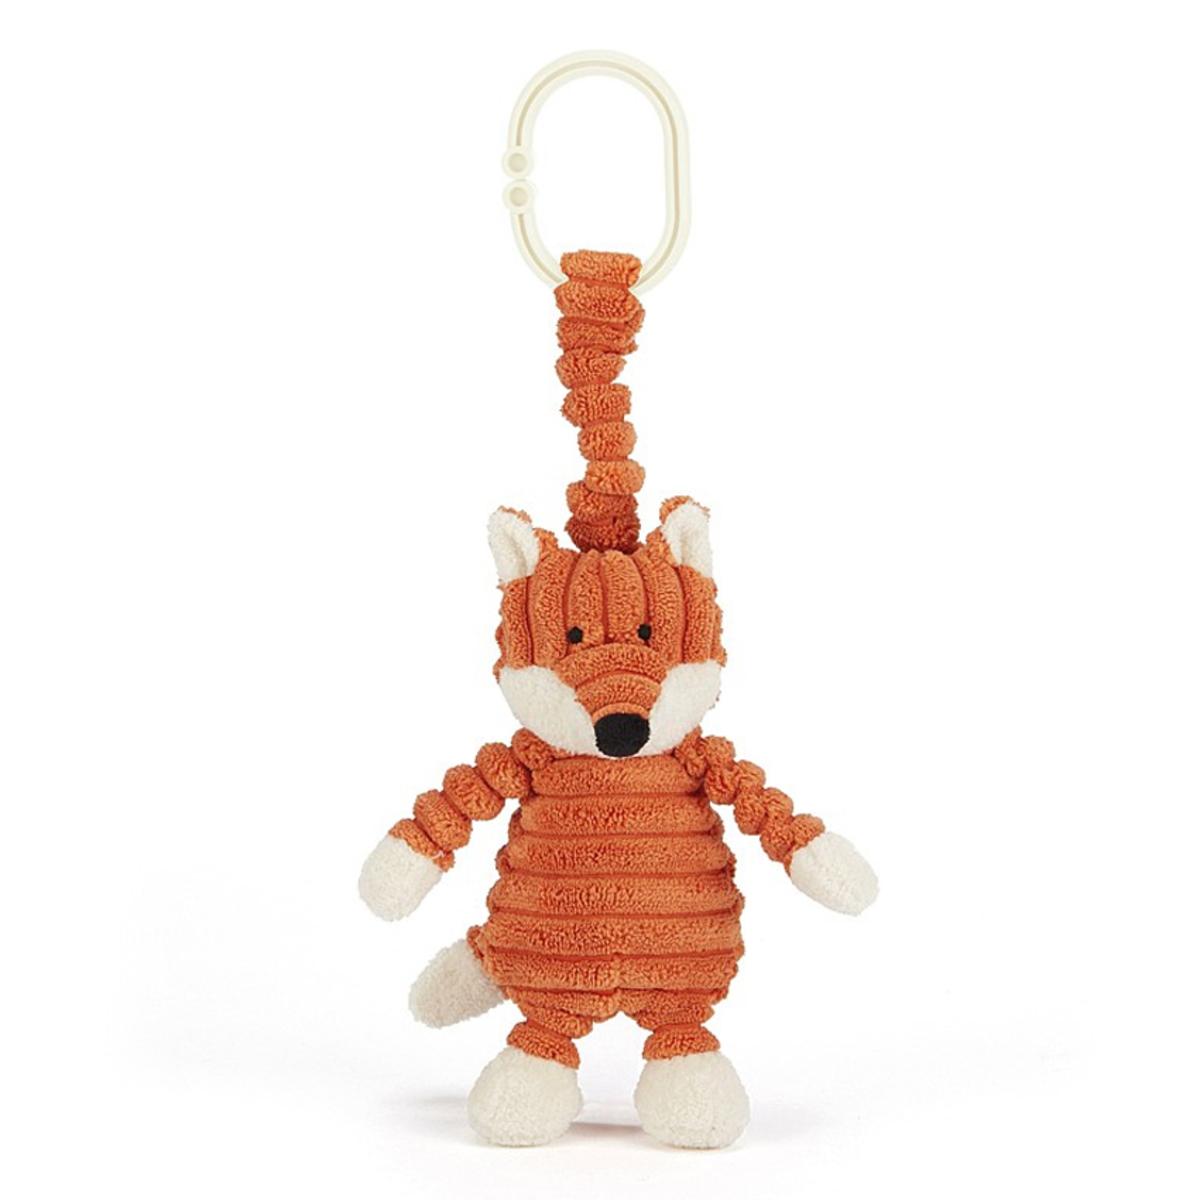 Accessoires poussette Jouet de Poussette Cordy Roy Baby Fox Jitter Jouet de Poussette Cordy Roy Baby Fox Jitter